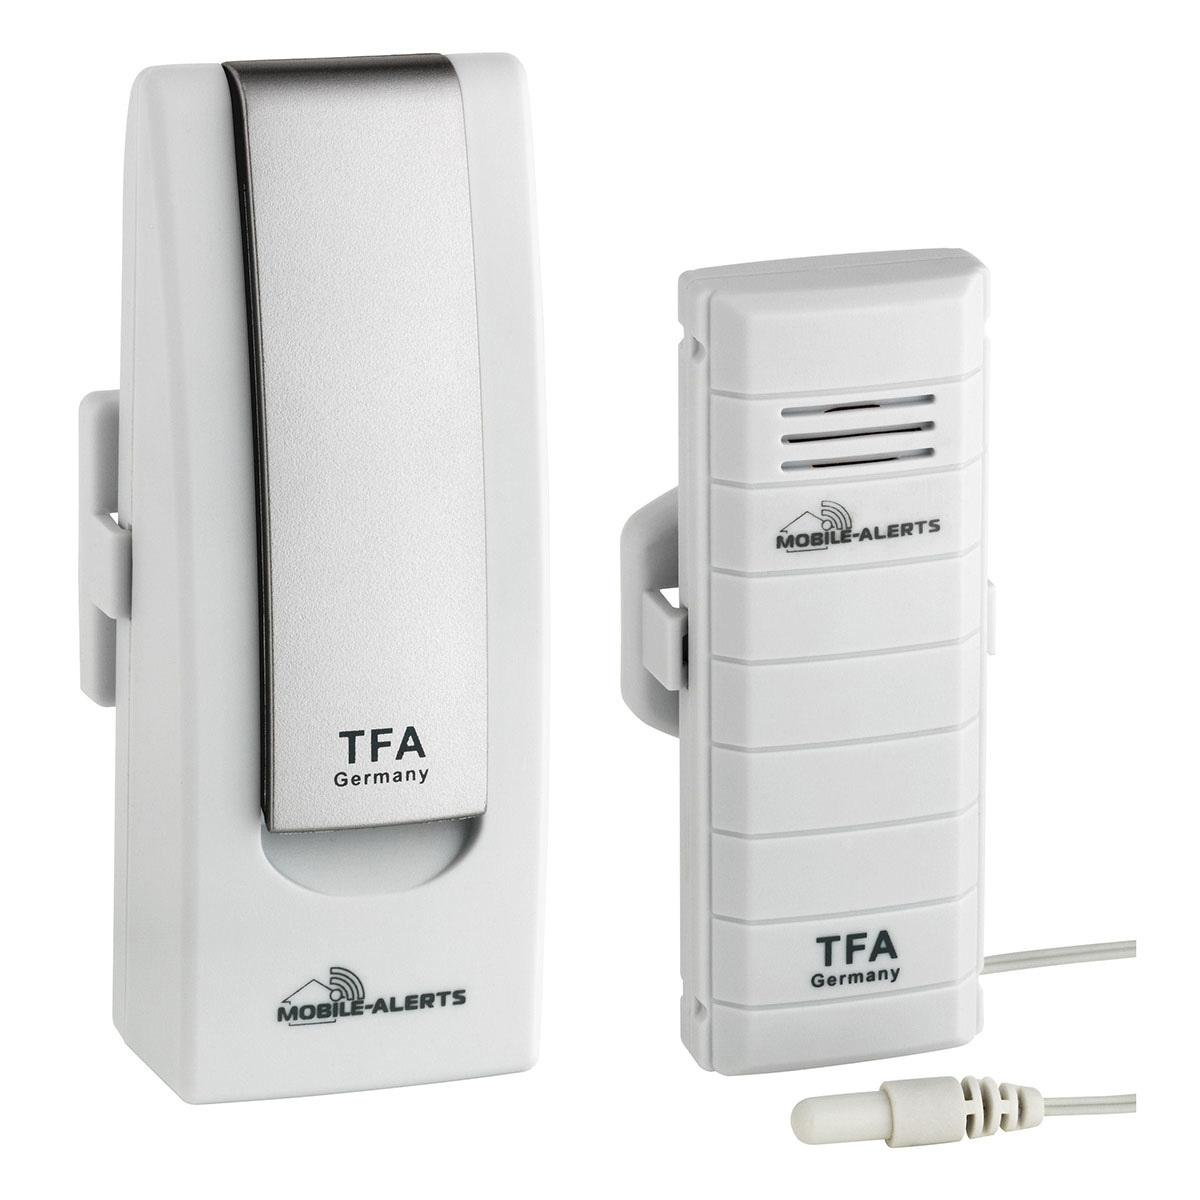 31-4002-02-starter-set-mit-temperatursender-mit-wasserfestem-kabelfühler-weatherhub-sender-1200x1200px.jpg